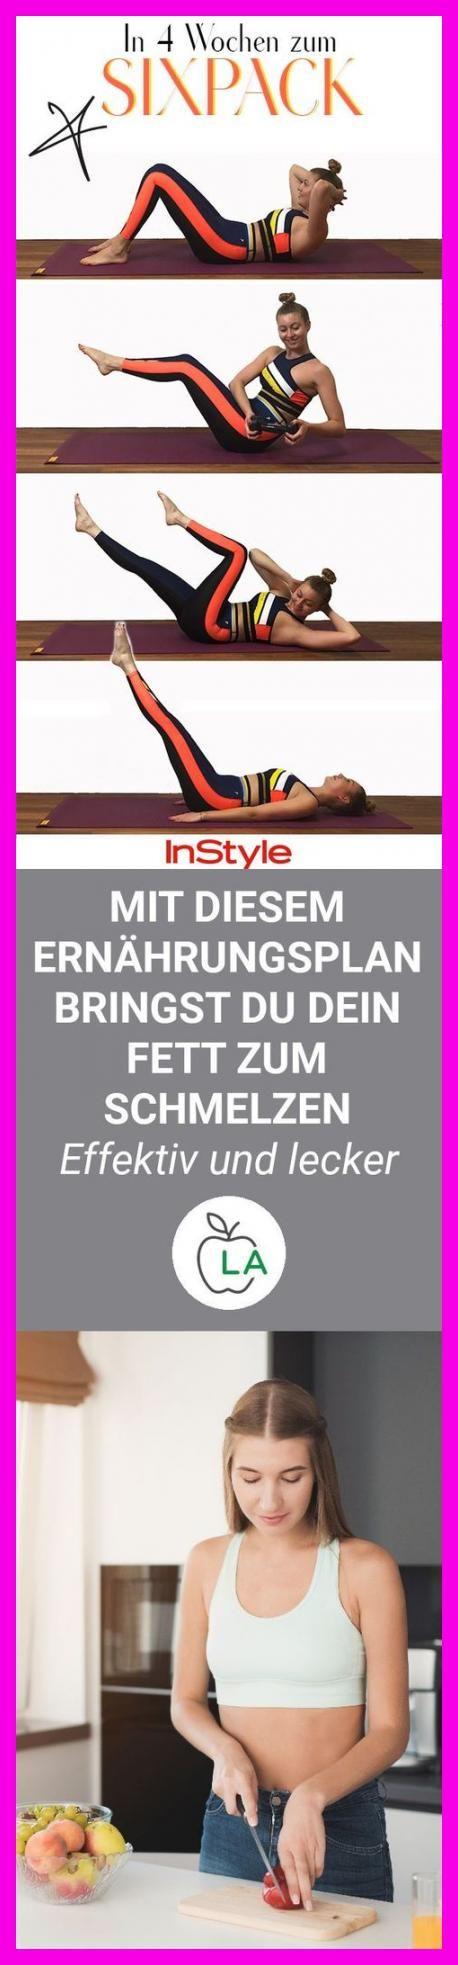 Sixpack: Diese 4 Fitnessübungen machen es möglich! #sport #fitness #wellness #sixpack  #Vorteile #Zi...